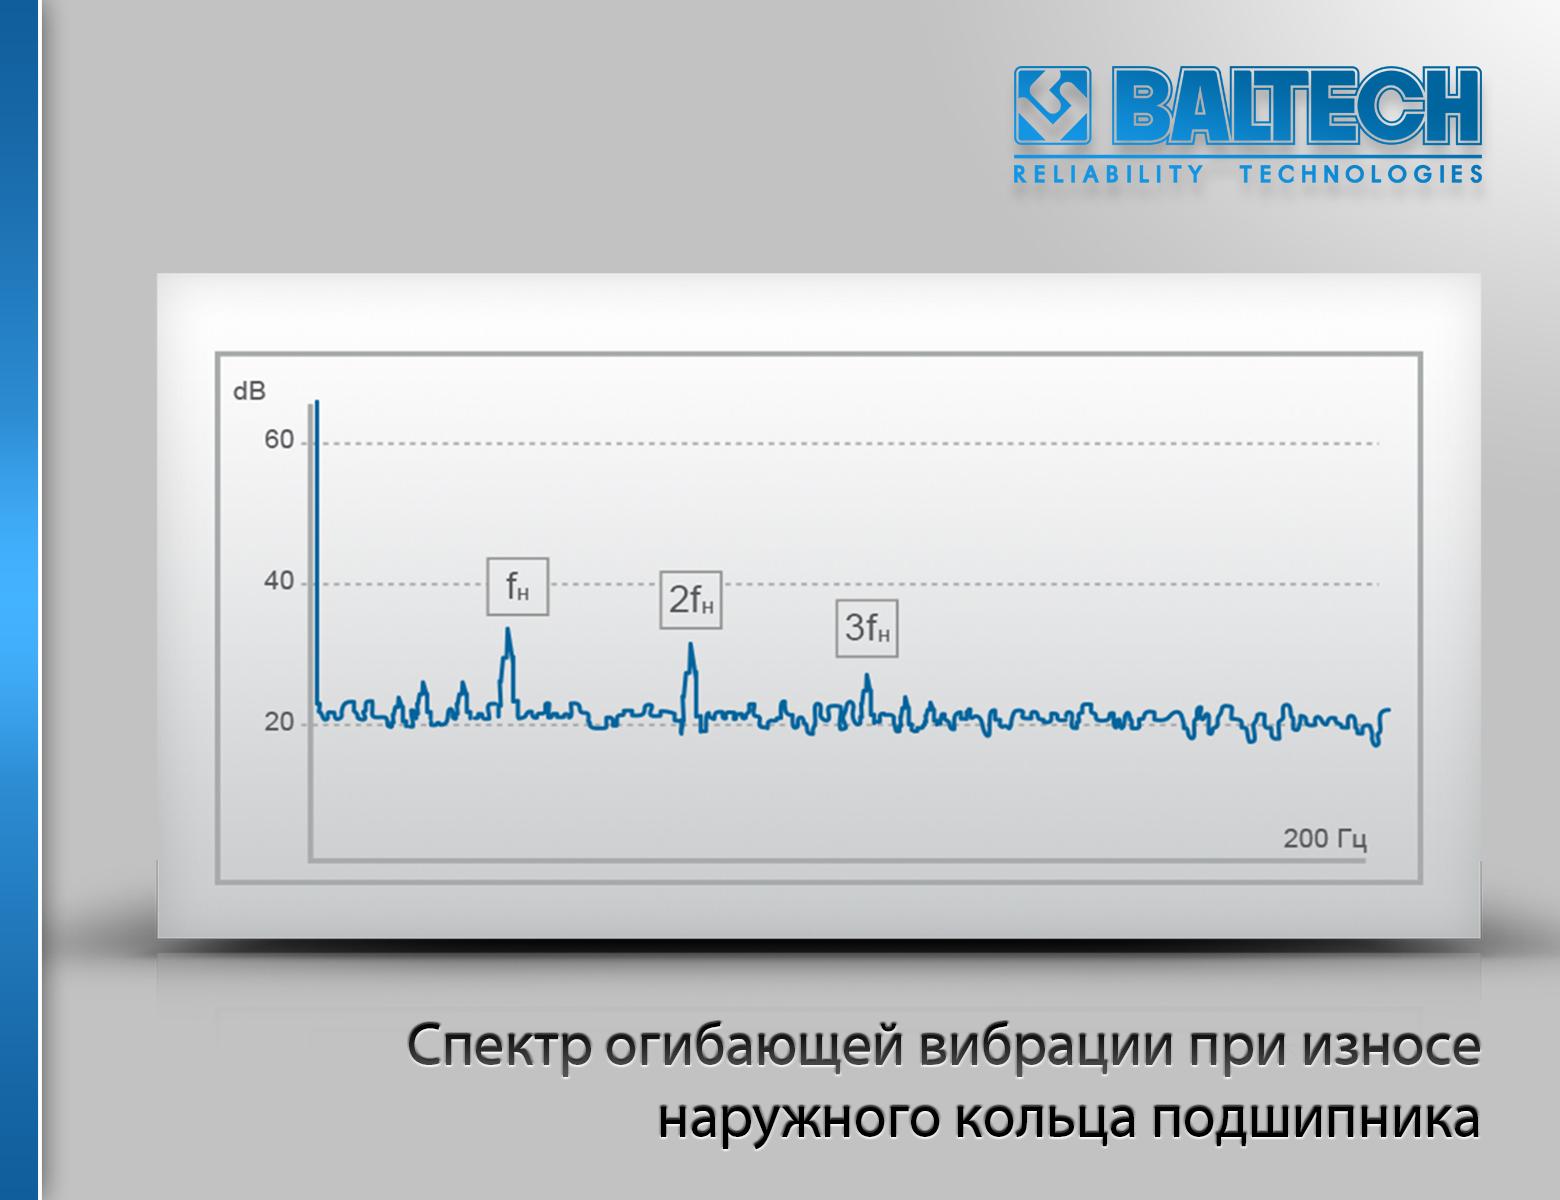 Спектр огибающей вибрации при износе наружного кольца подшипника, диагностика подшипника